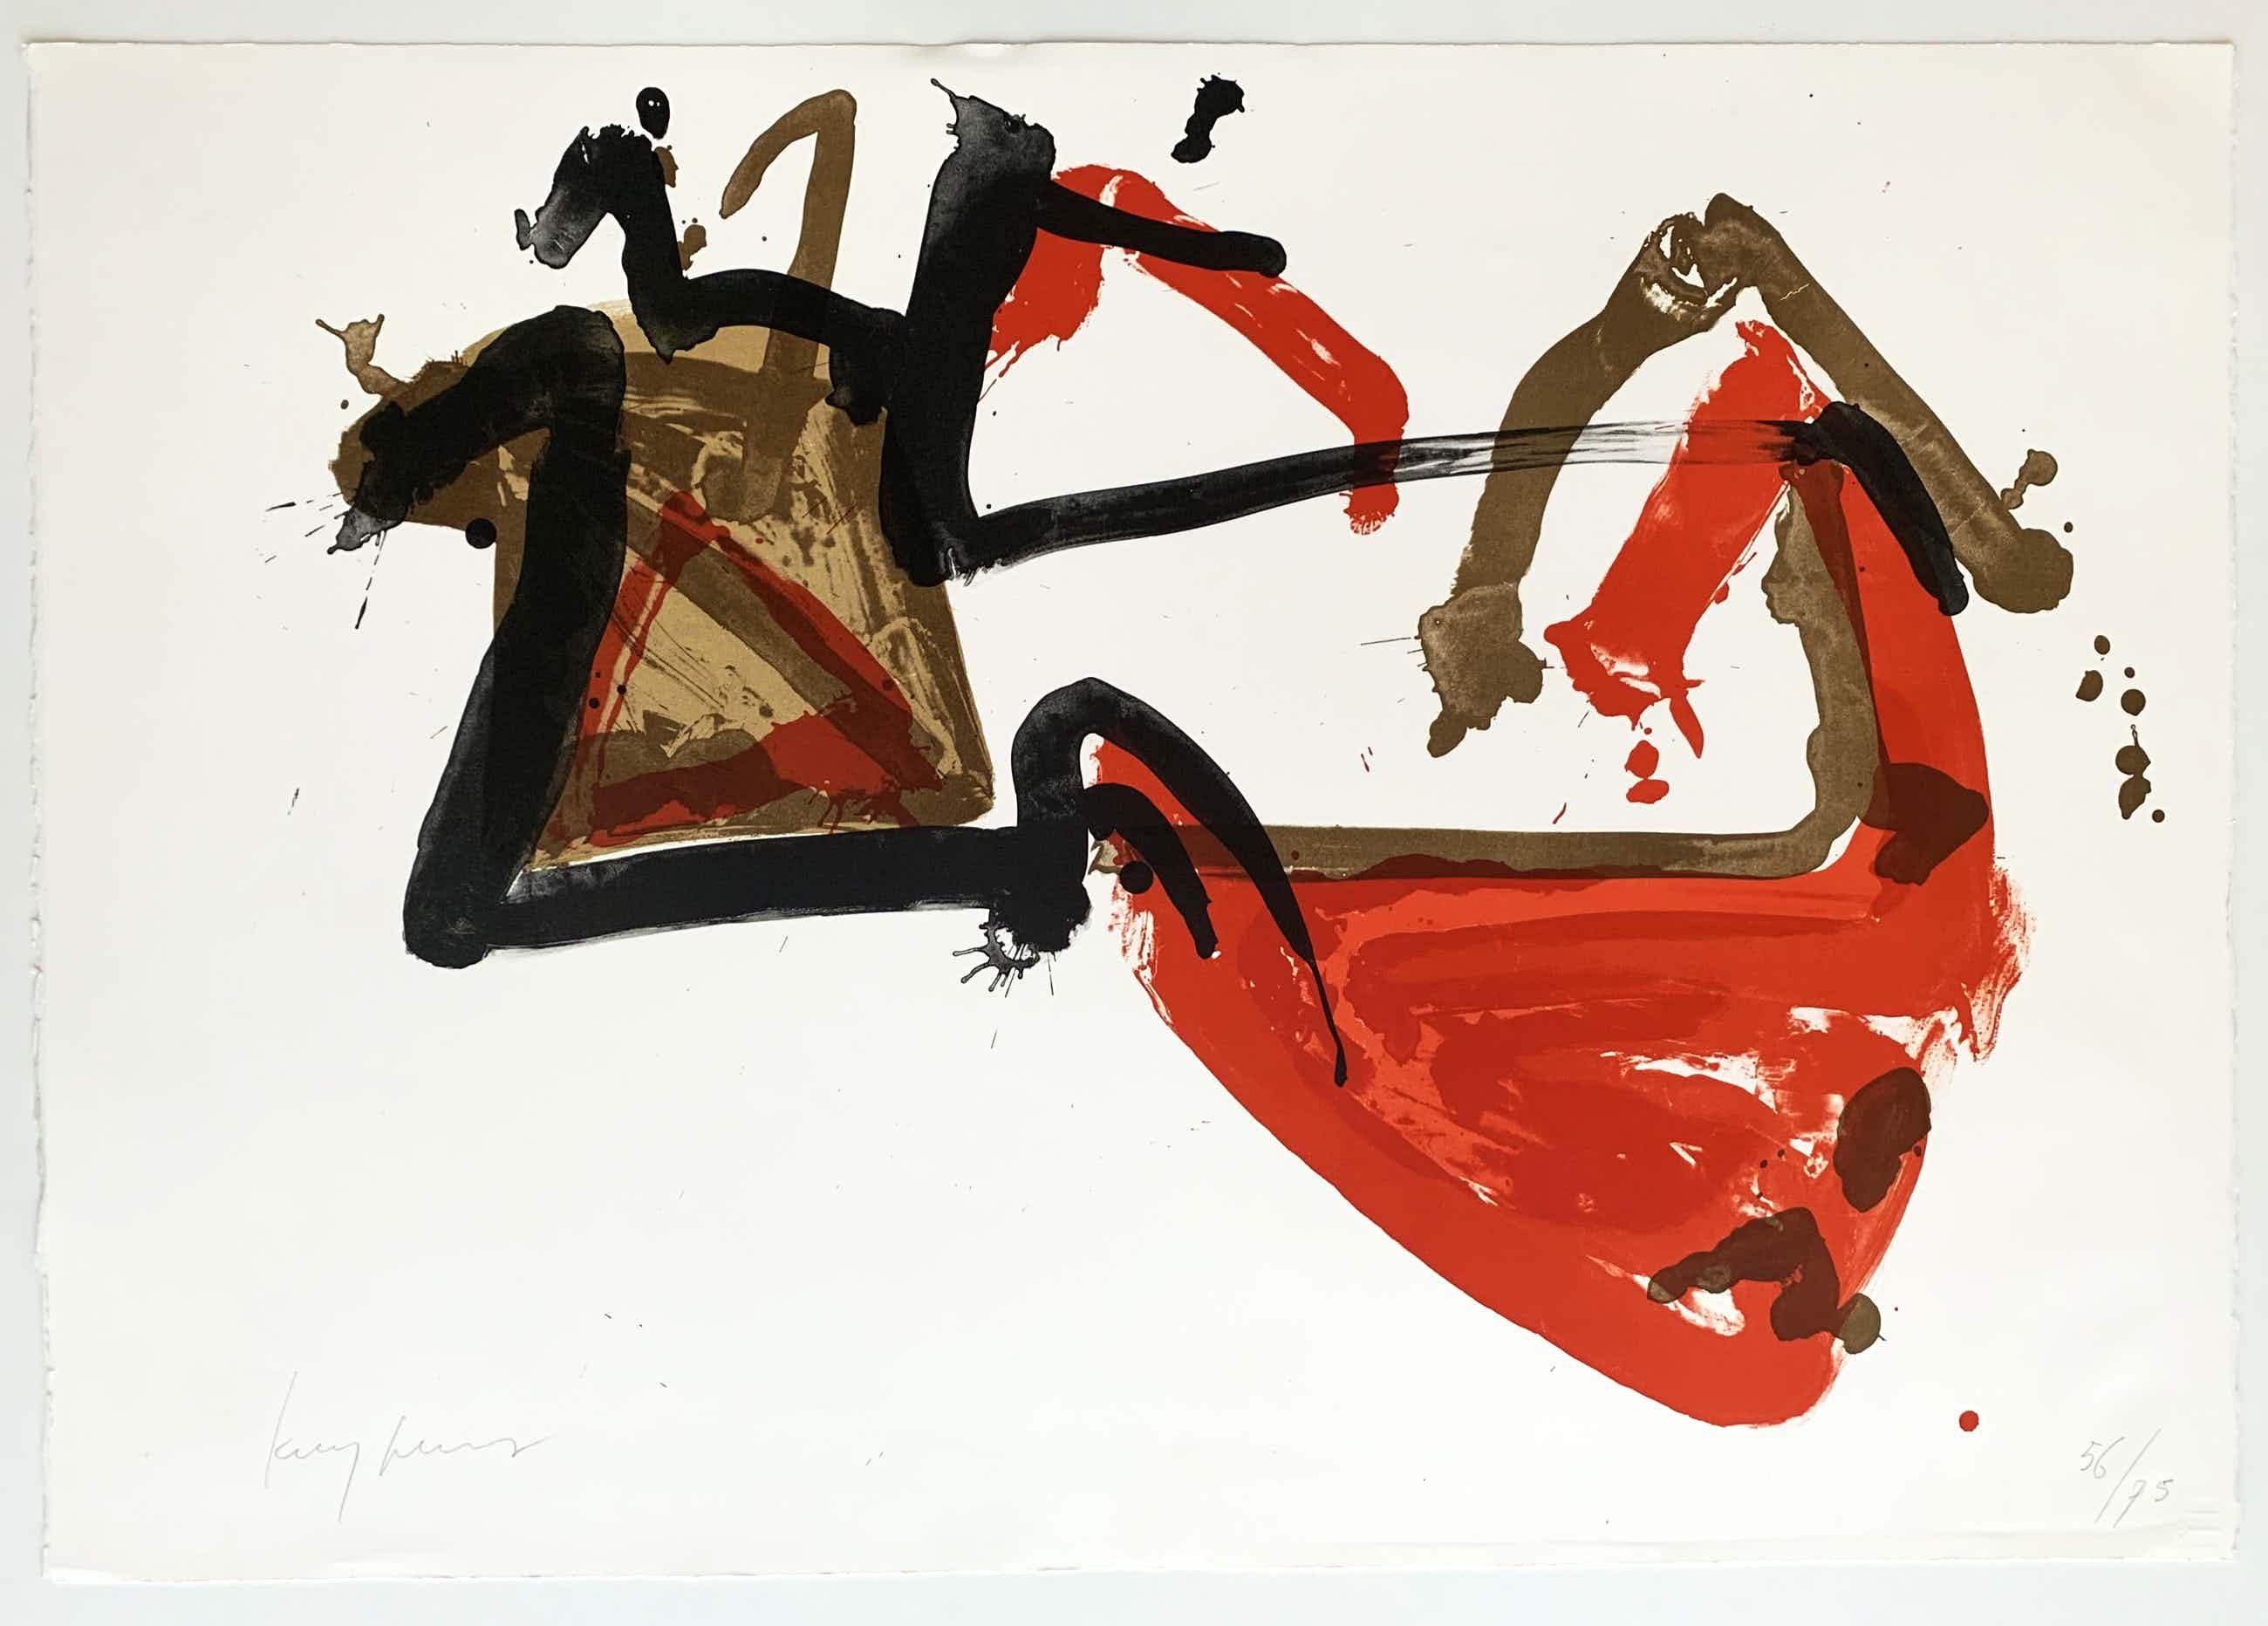 Theo Kuijpers - kleurenlitho - abstract expressionistische compositie - oplage 75 ex. kopen? Bied vanaf 120!